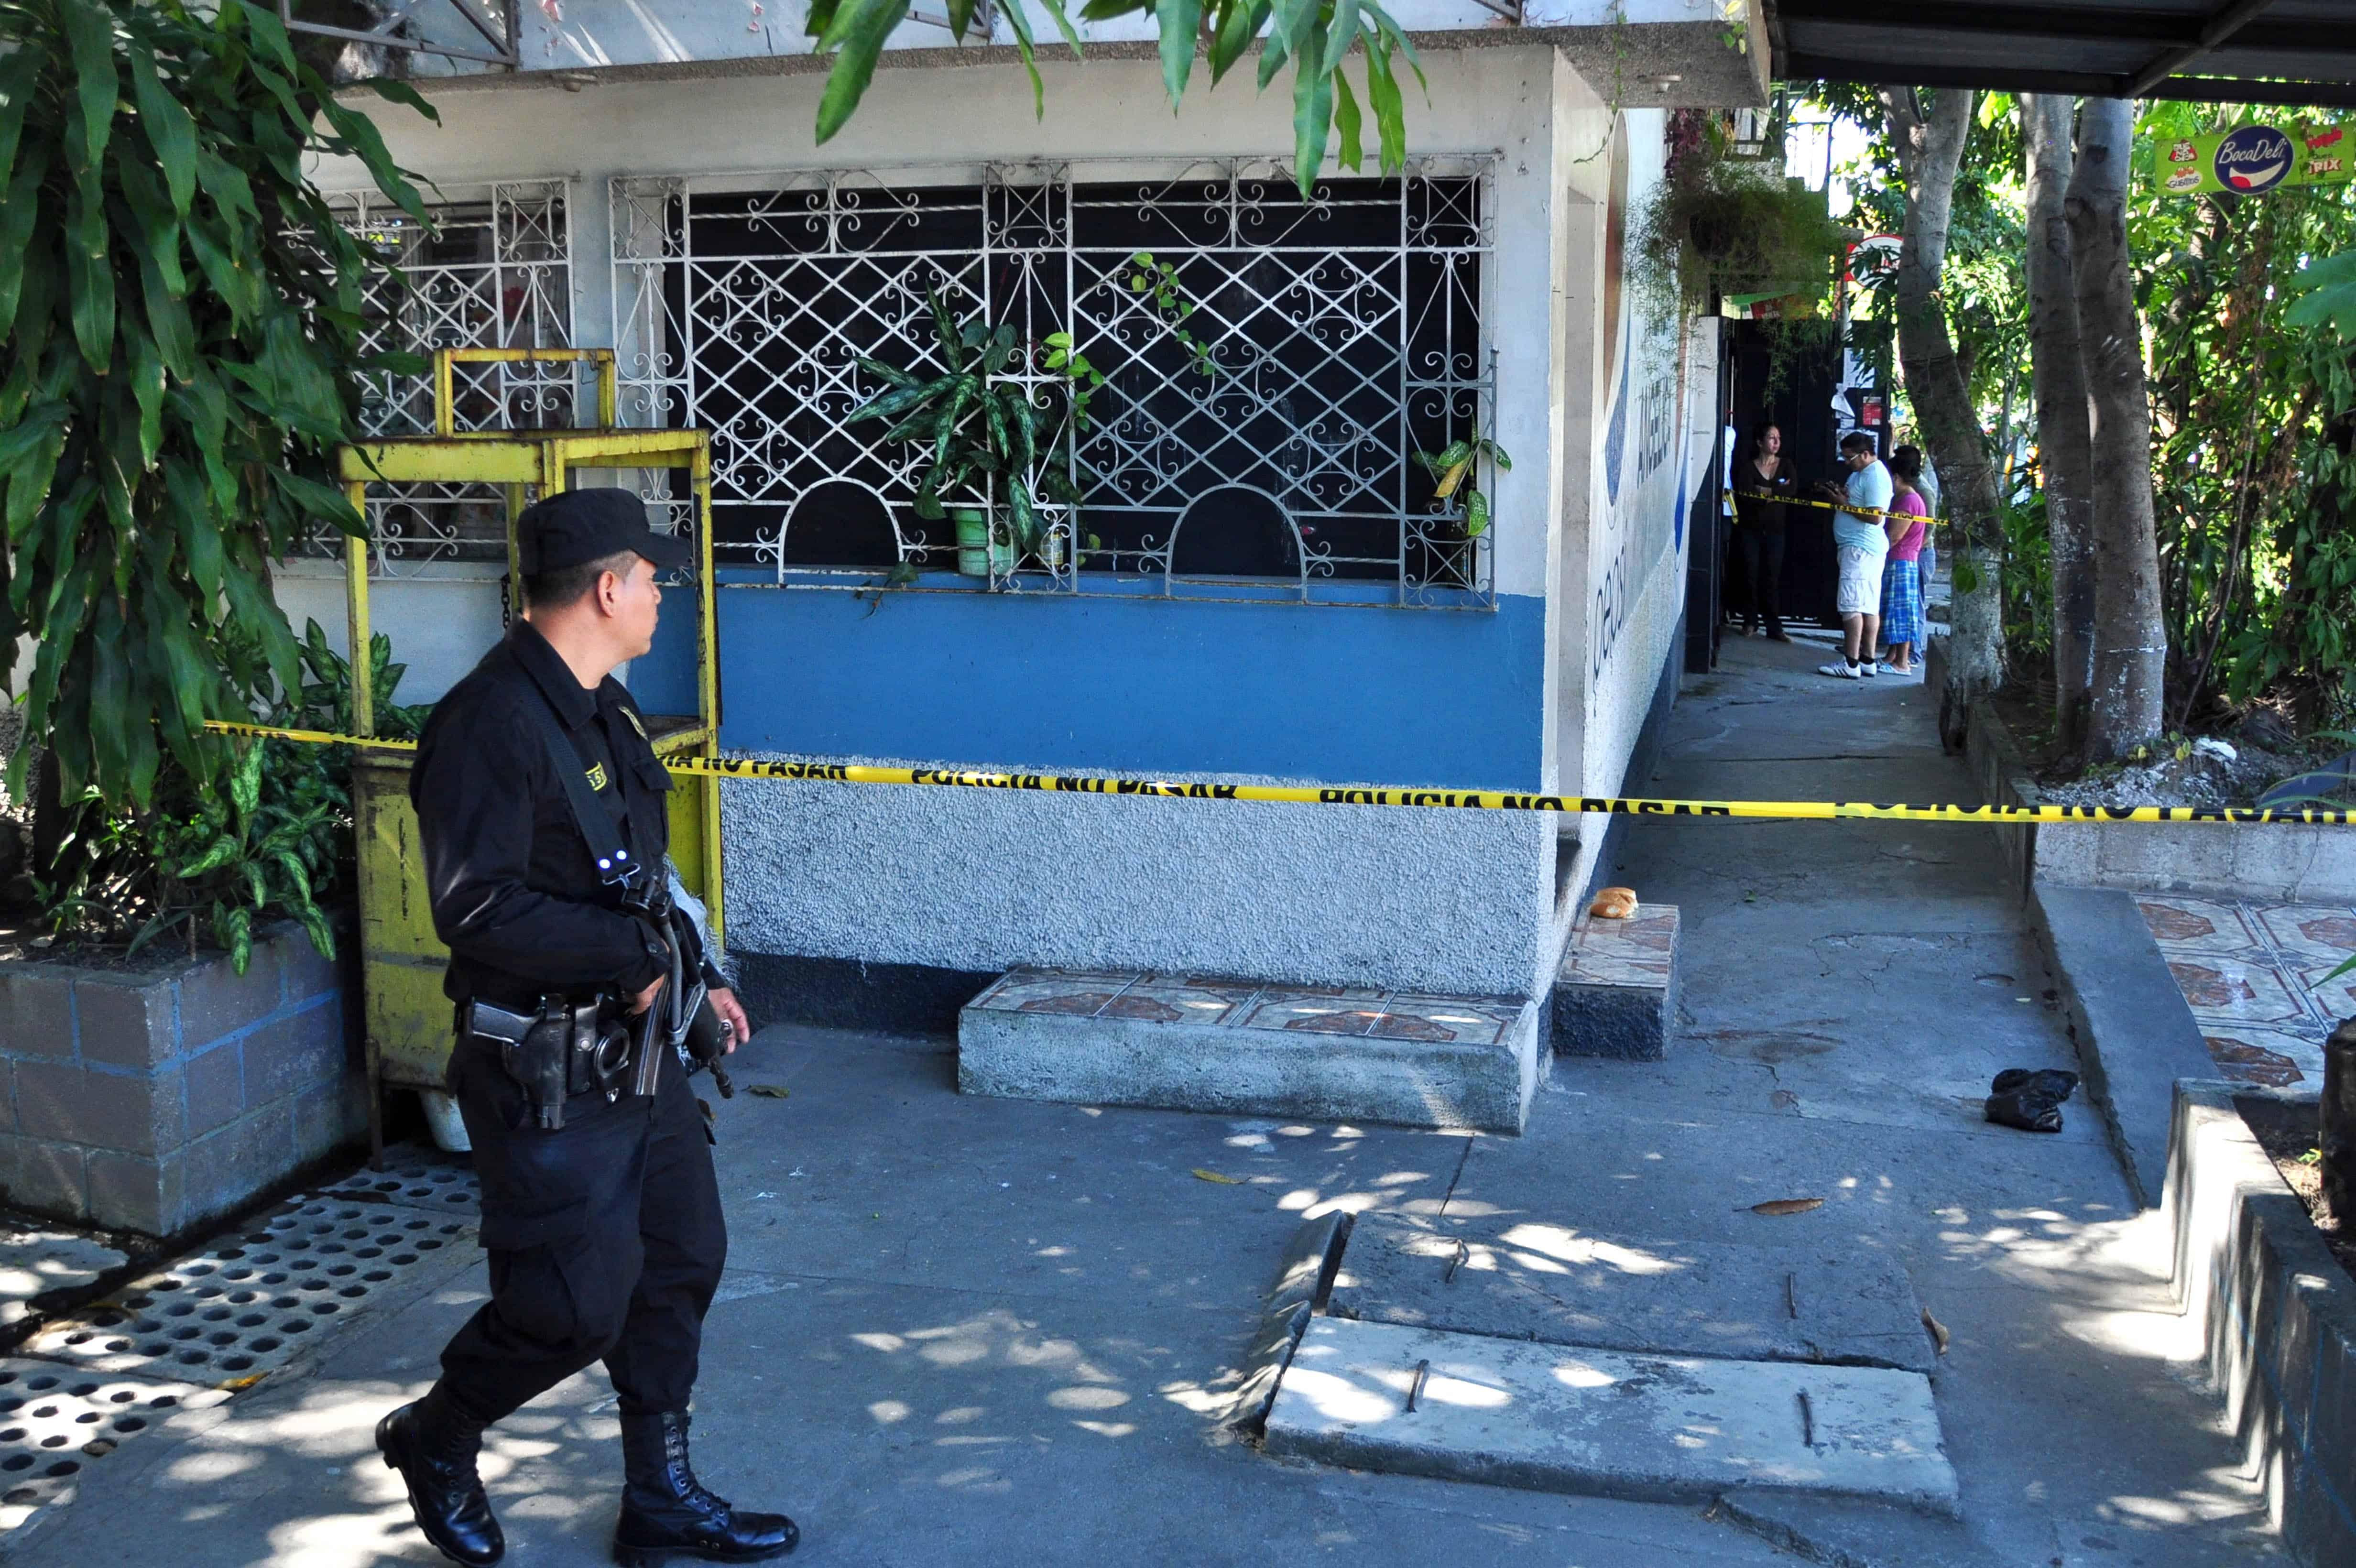 Northern Triangle violence: El Salvador